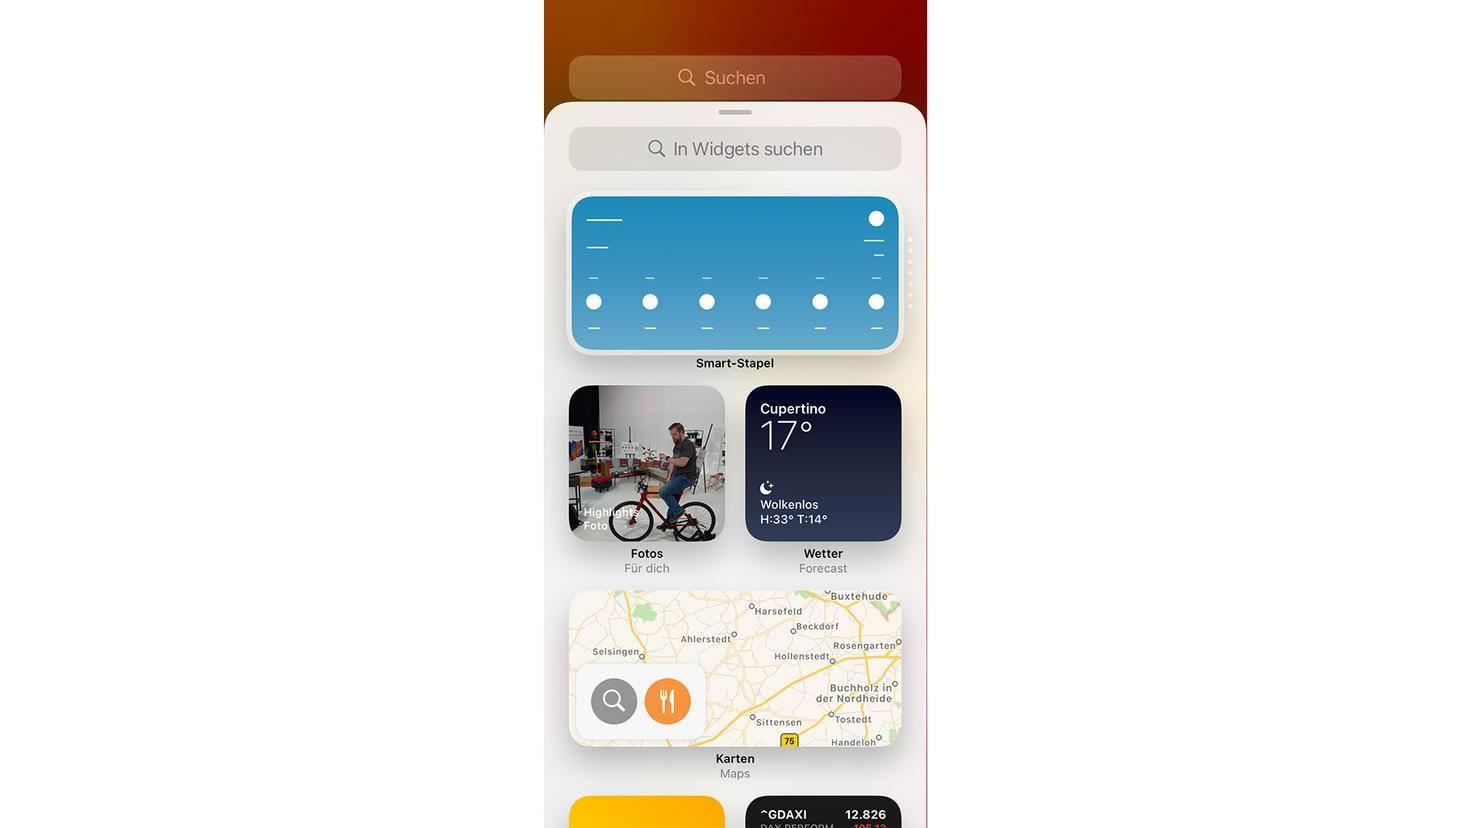 Neu ist der Smart-Stapel, eine Bündelung von bis zu zehn Widgets.